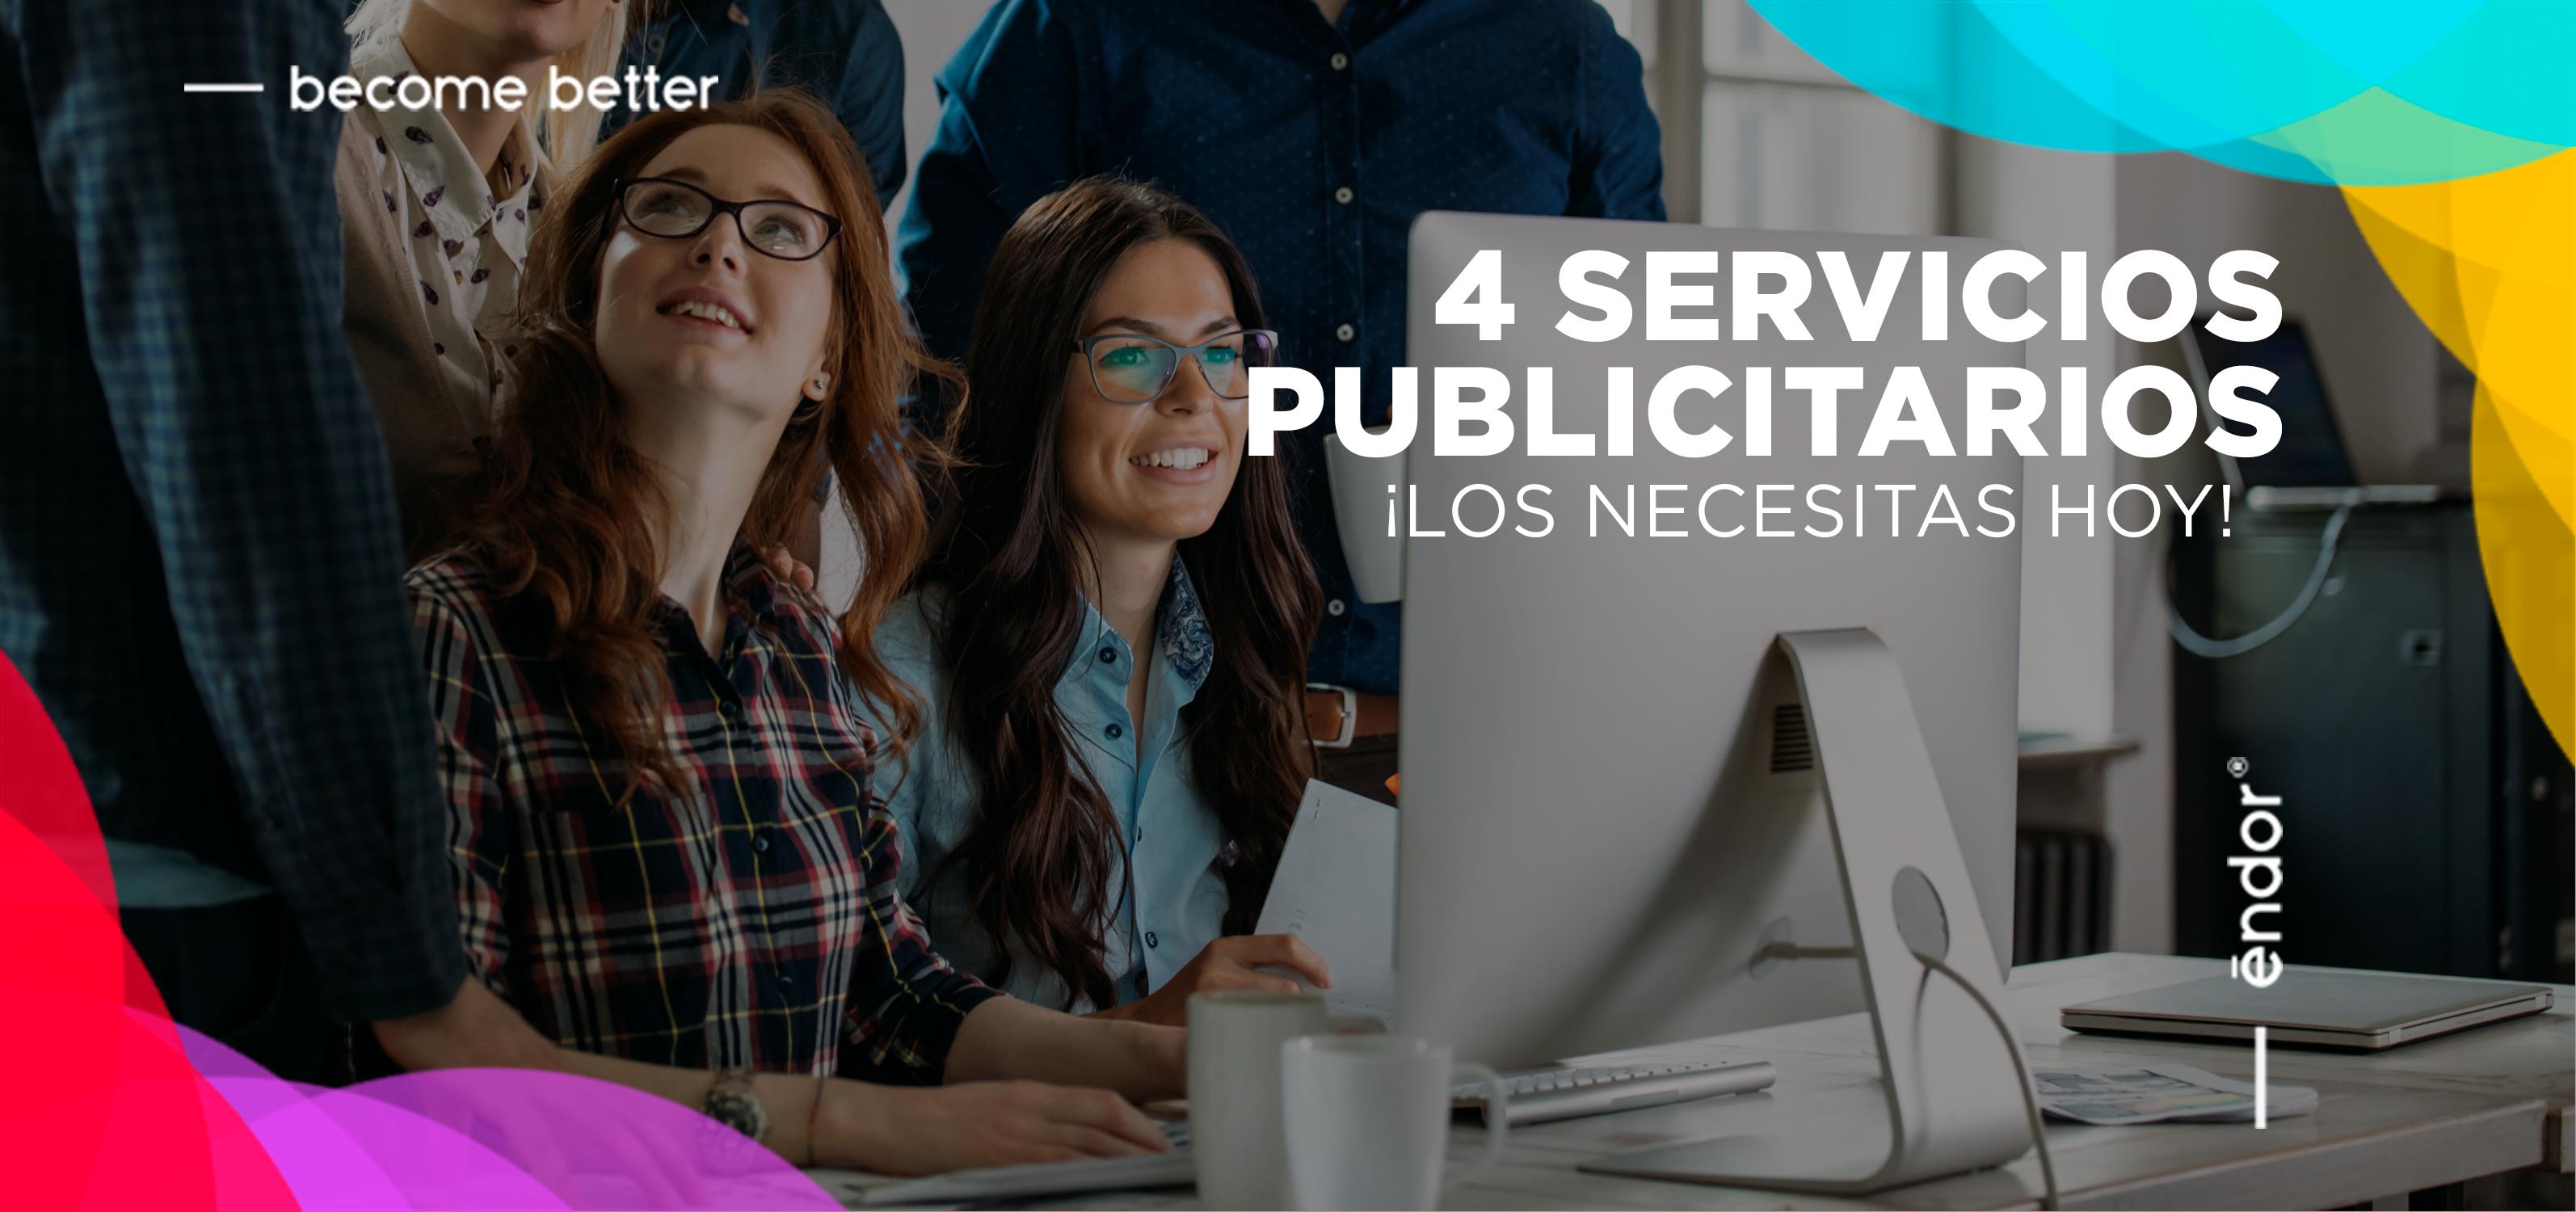 servicios_agencia_publicidad